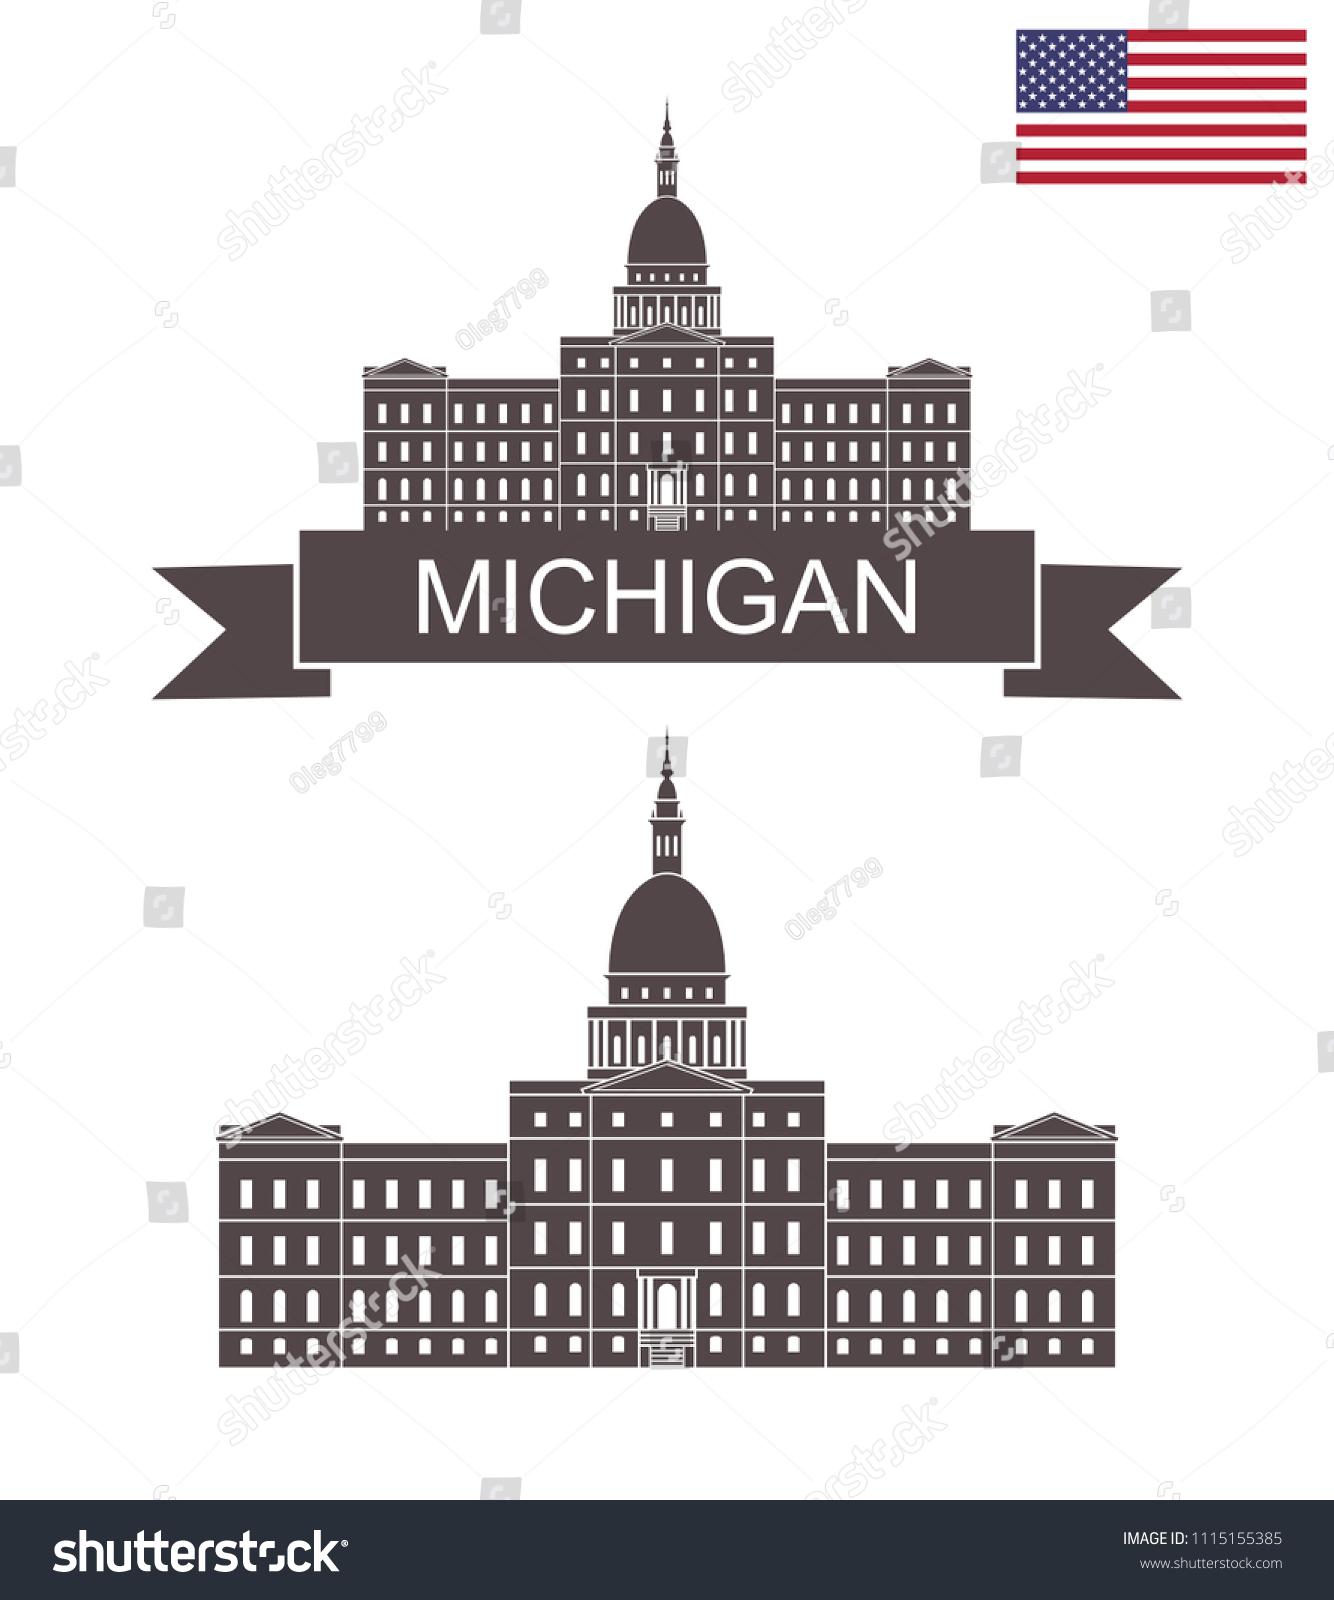 state michigan capital building lansing michigan stock vector royalty free 1115155385 https www shutterstock com image vector state michigan capital building lansing 1115155385